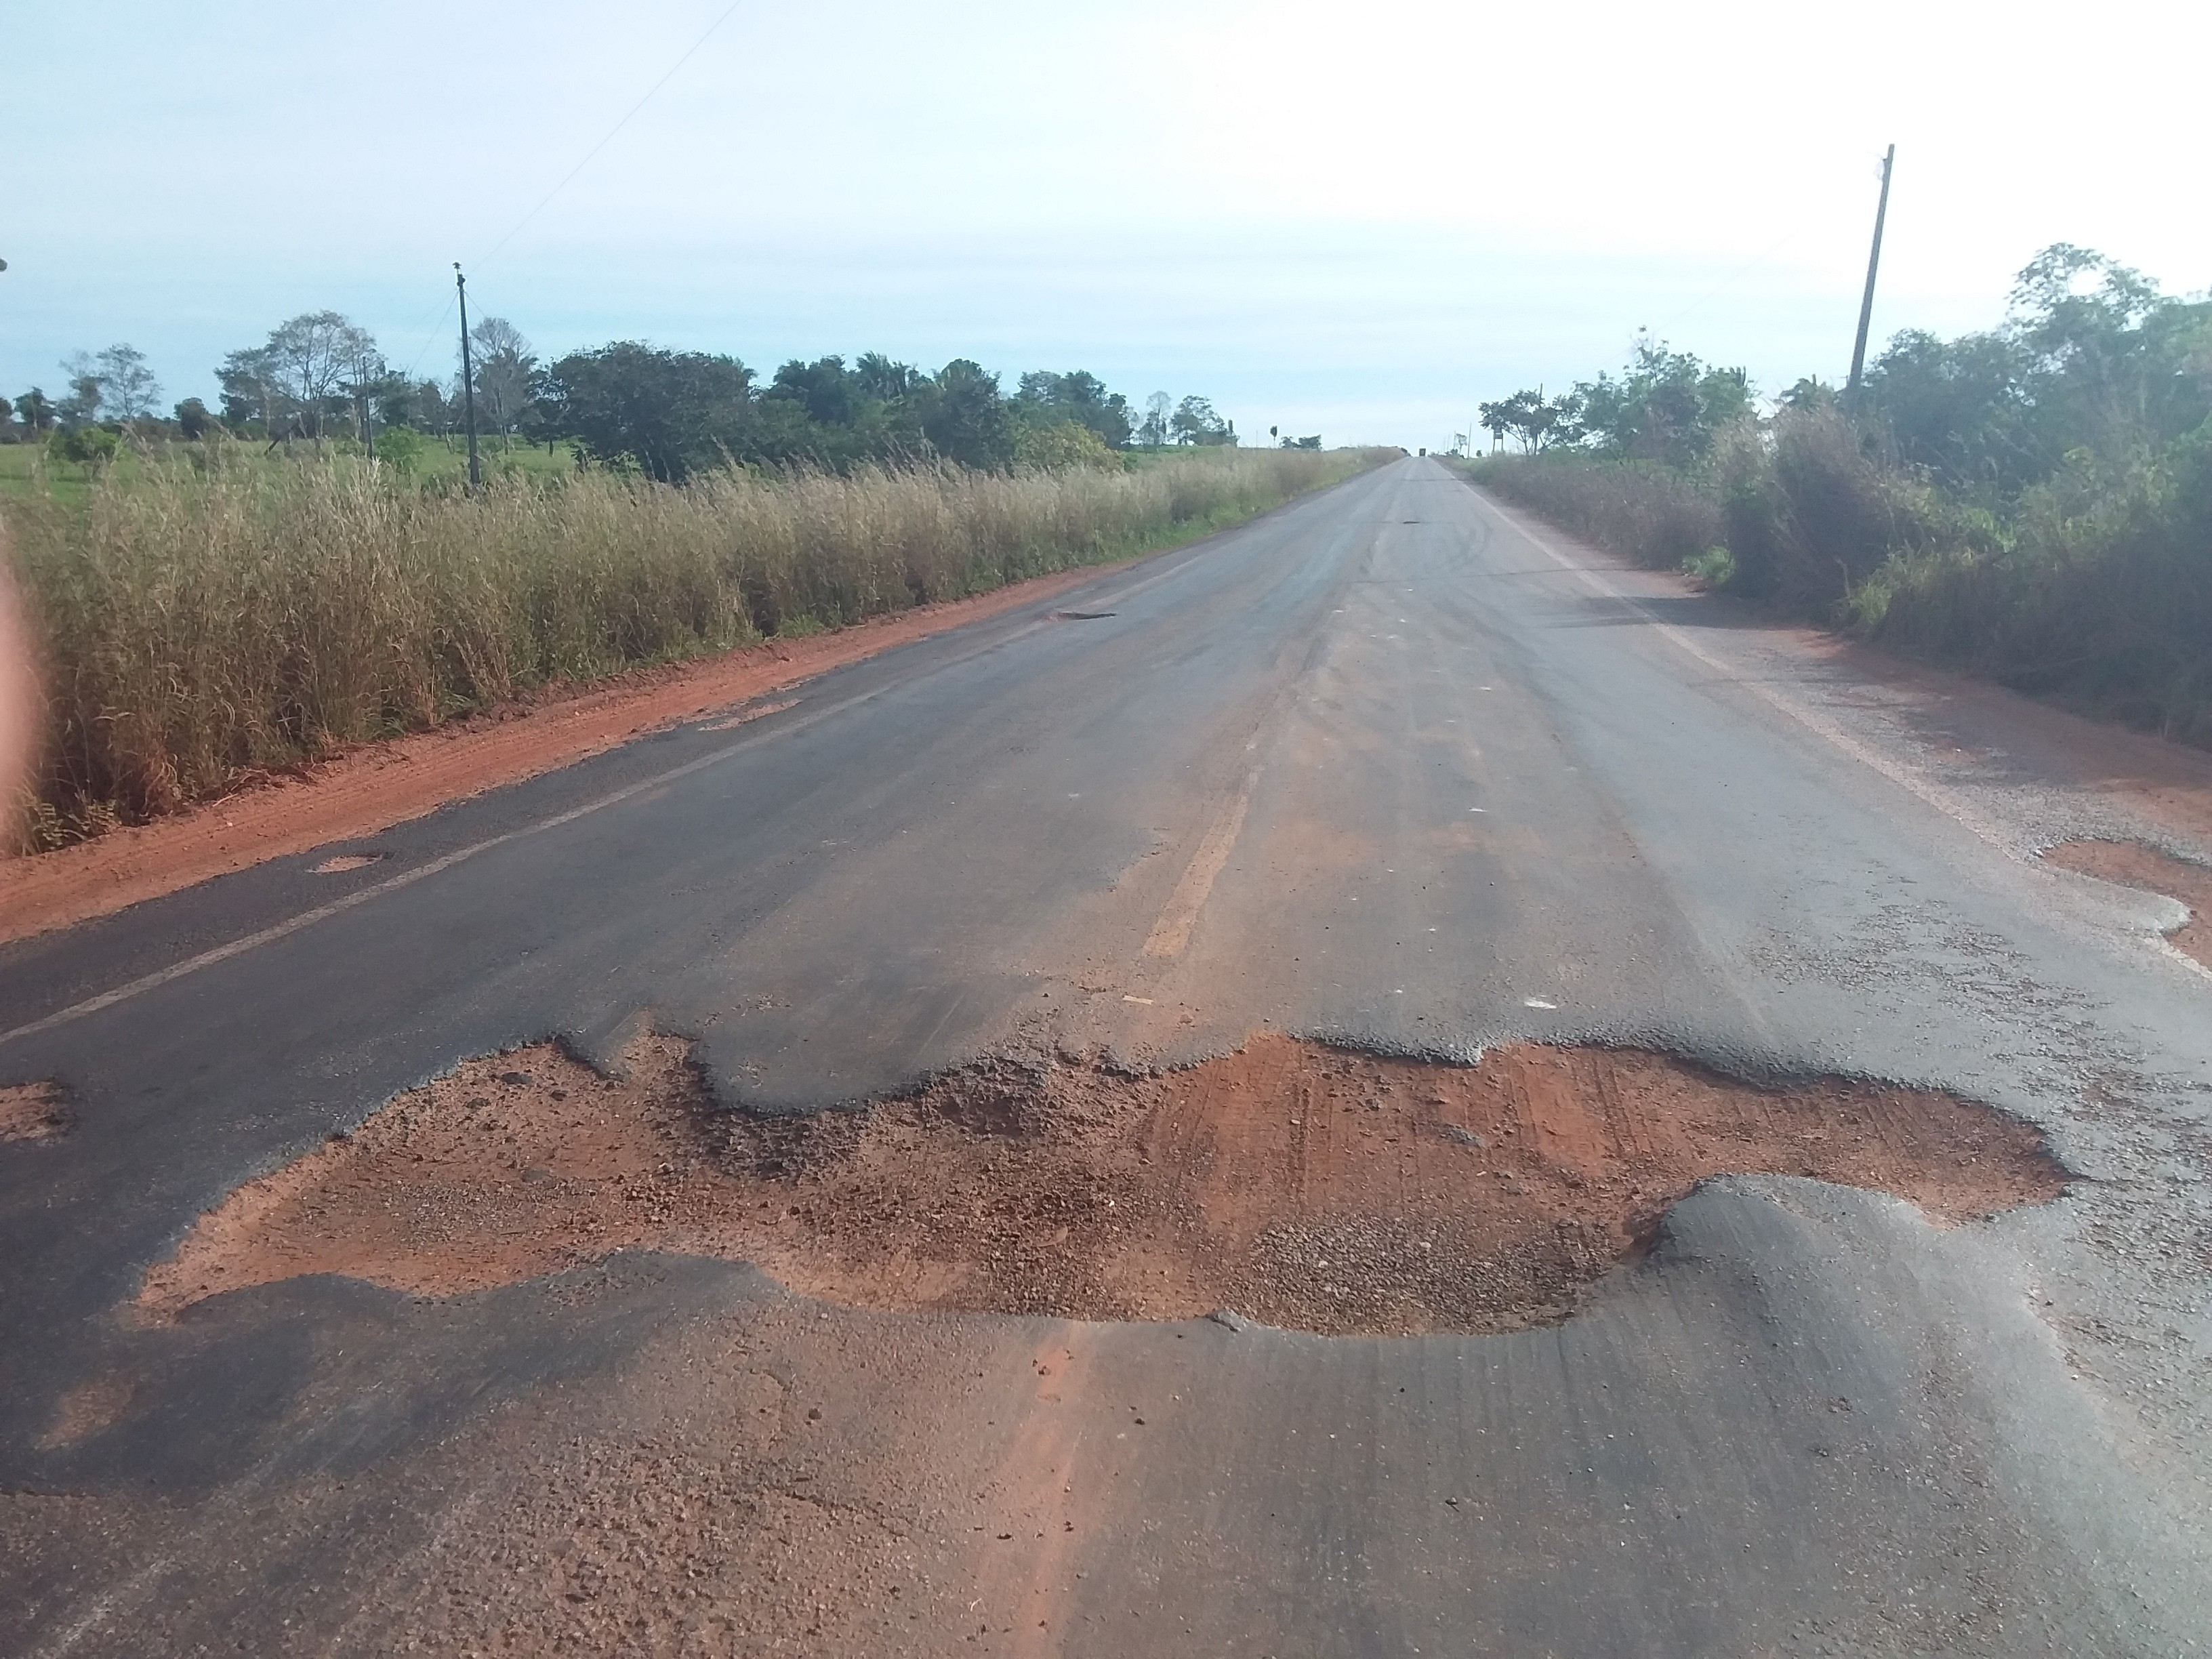 Trechos de nove rodovias do TO estão entre os dez piores do país, aponta pesquisa - Notícias - Plantão Diário